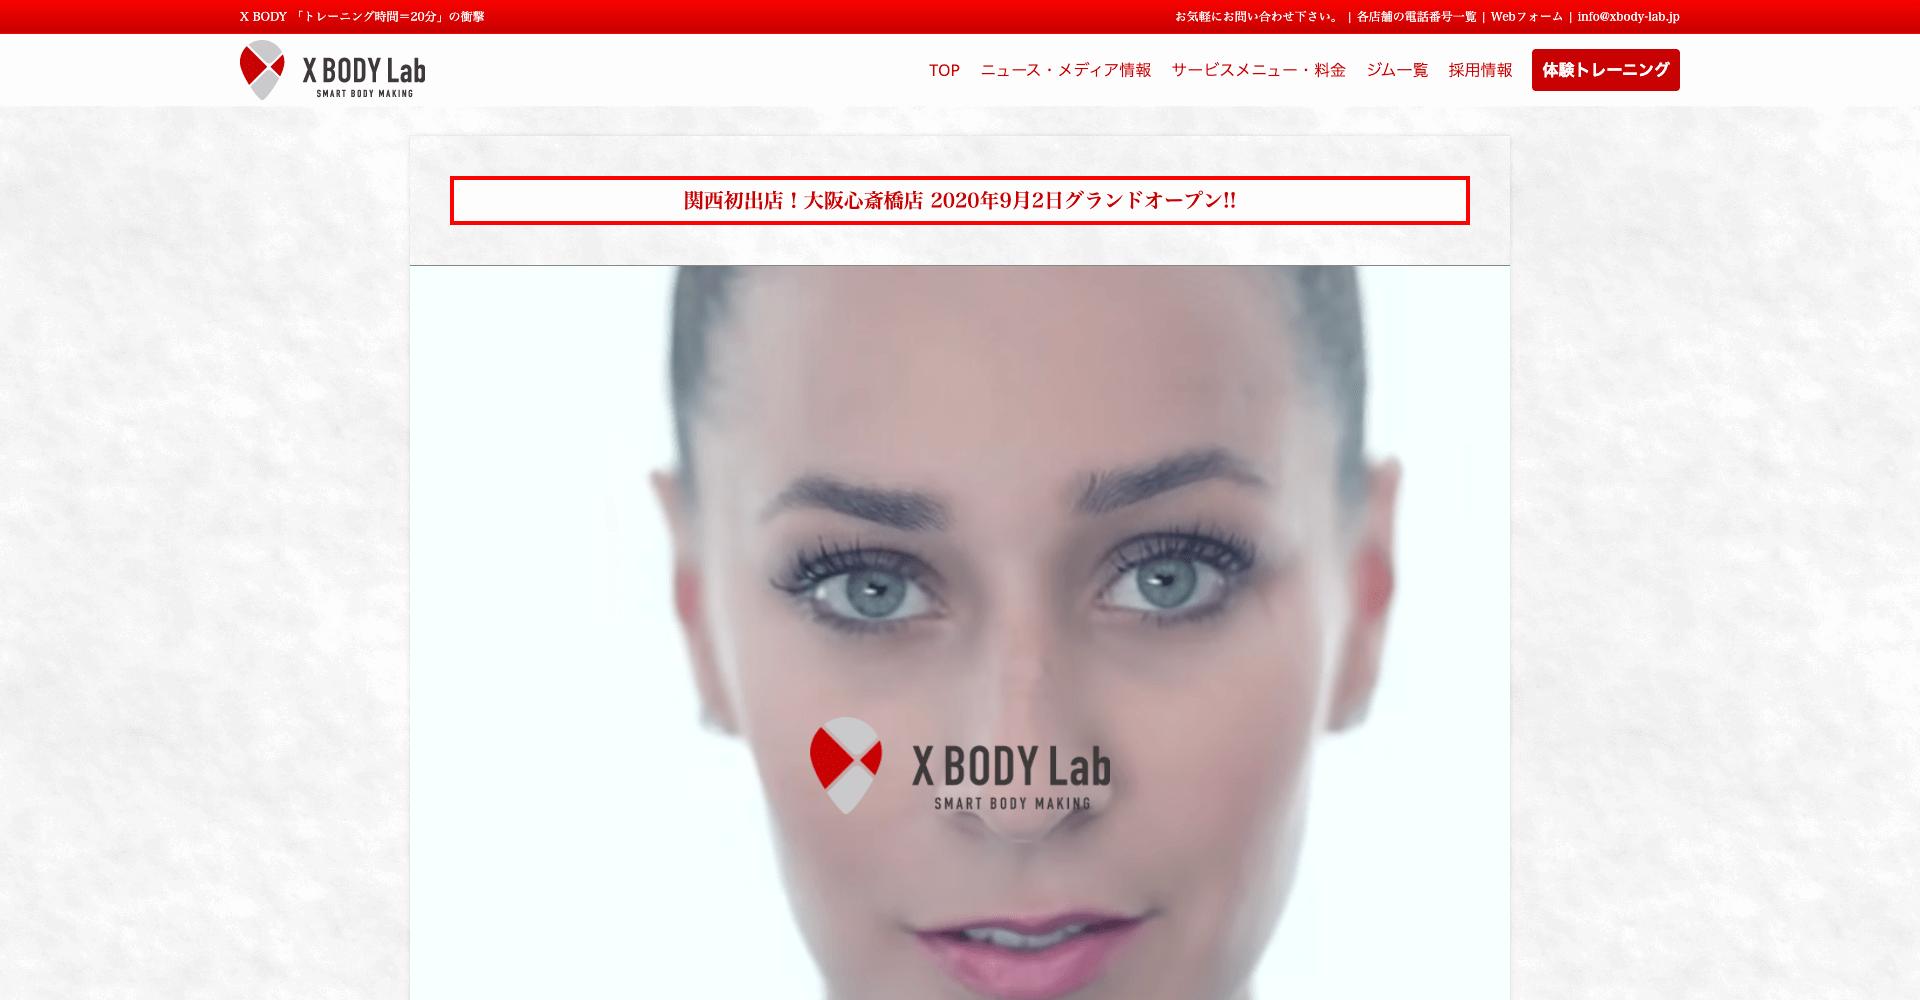 X BODY Lab STATION 三郷